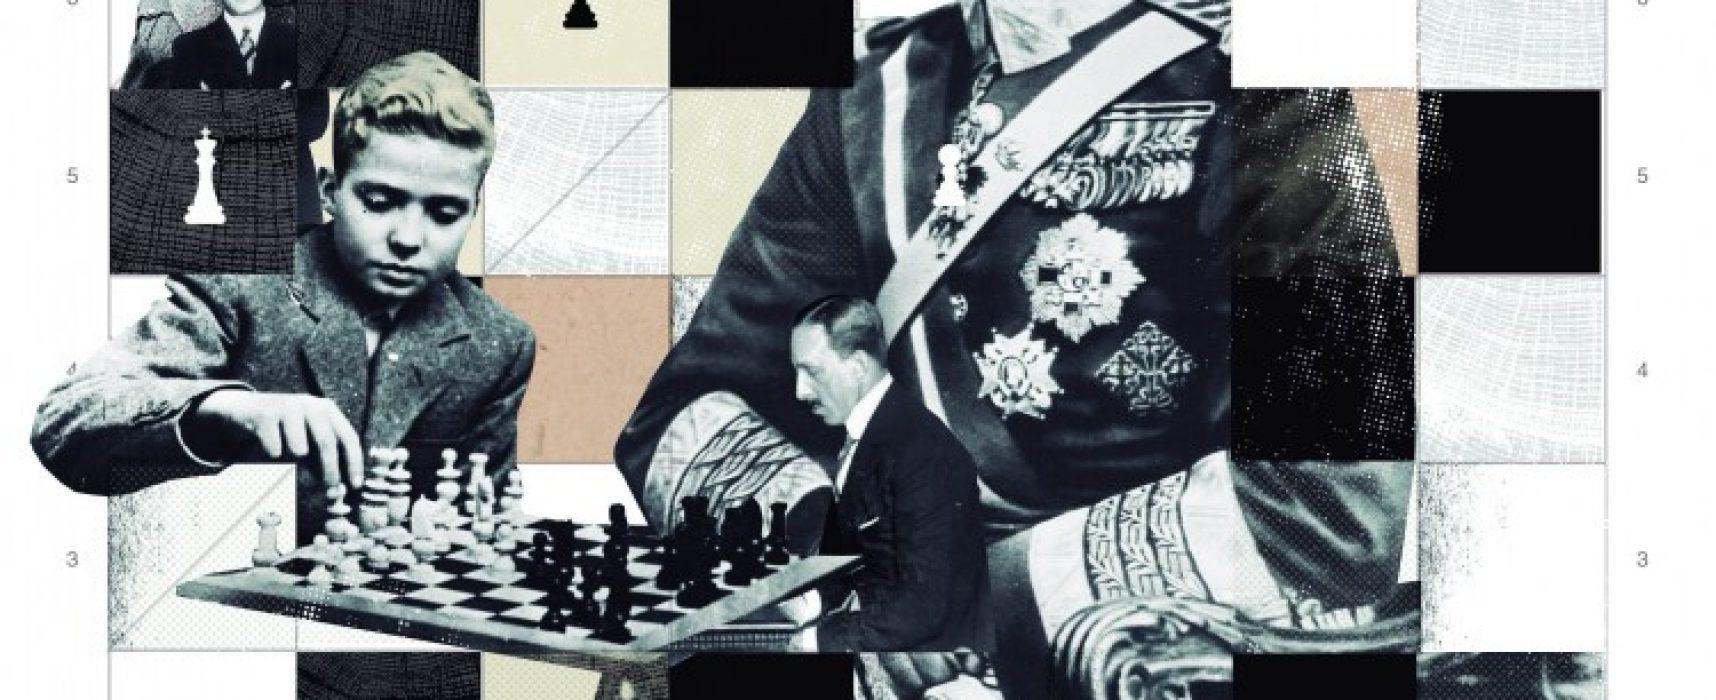 Rey de juegos, juego de reyes